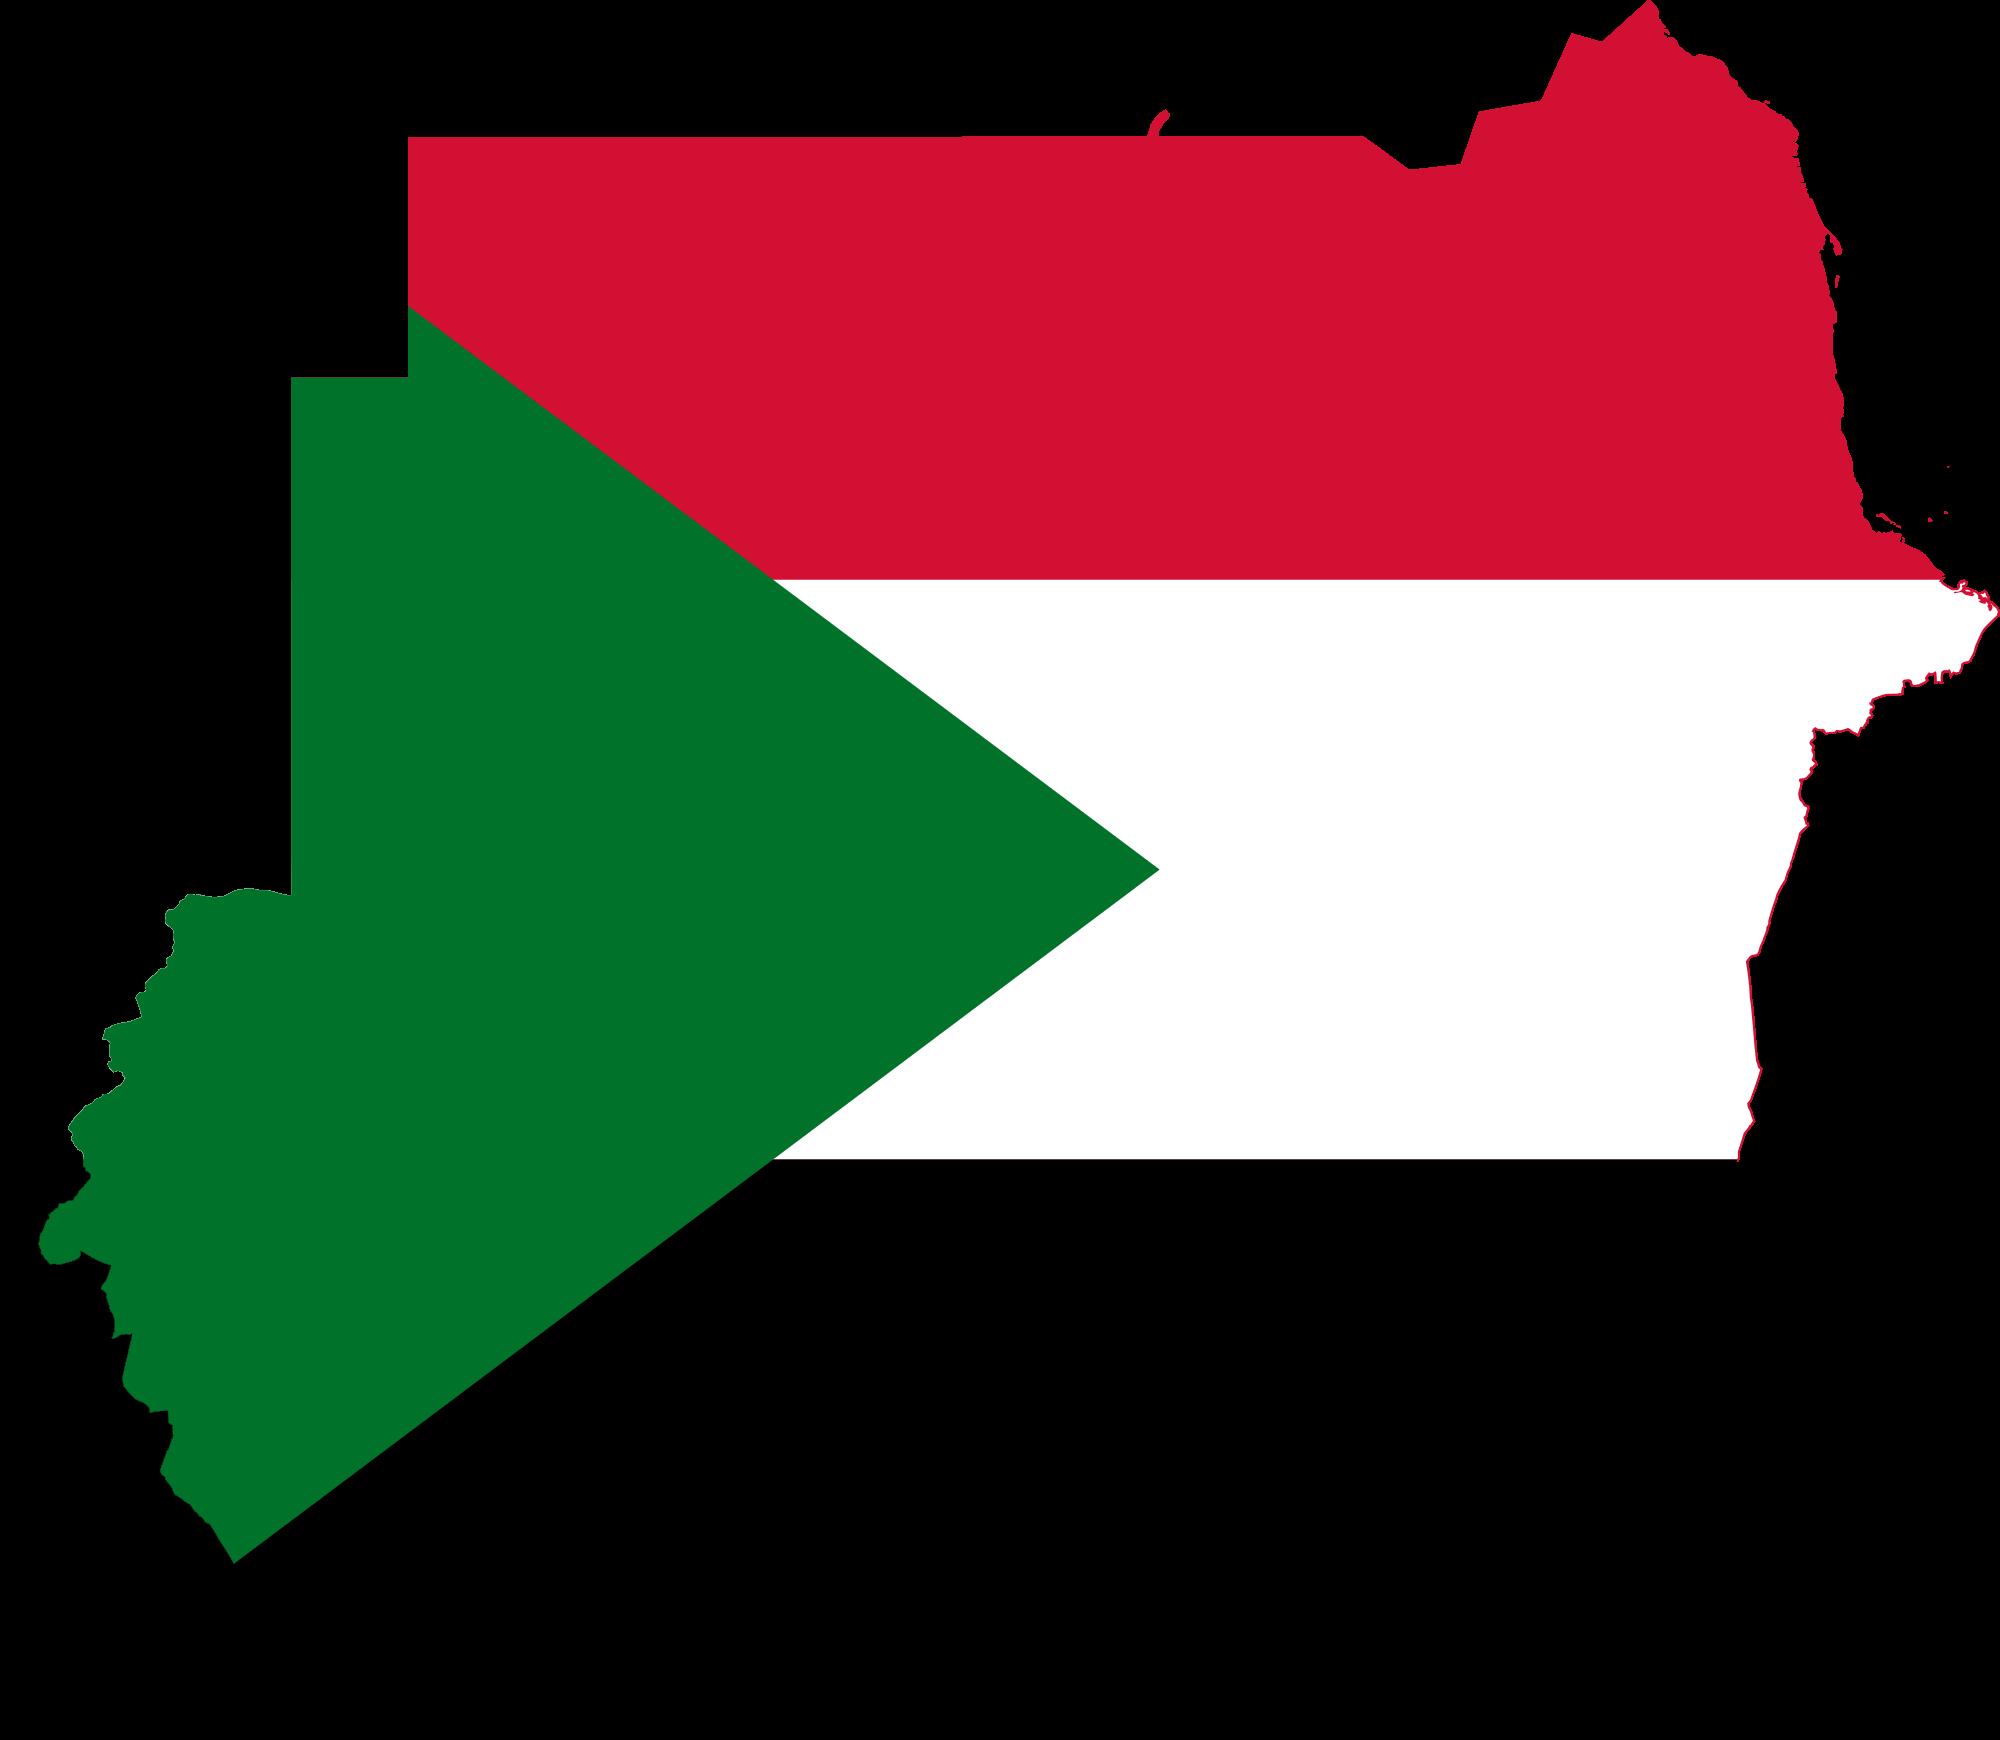 السودان في المرتبة (130) في الدول الأكثر سعادة